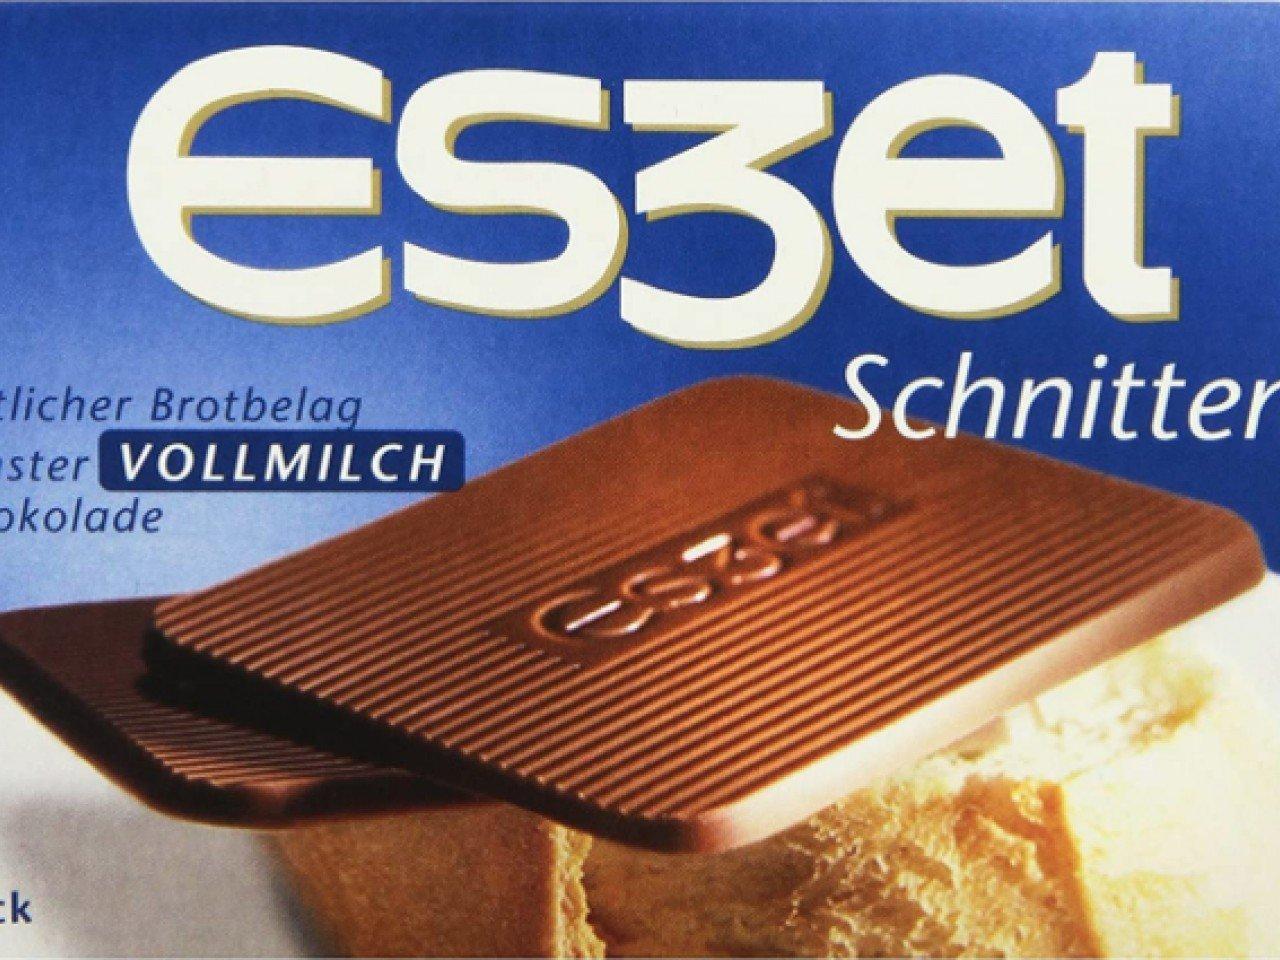 Eszet-Schnitten. Schokolade auf dem Brötchen